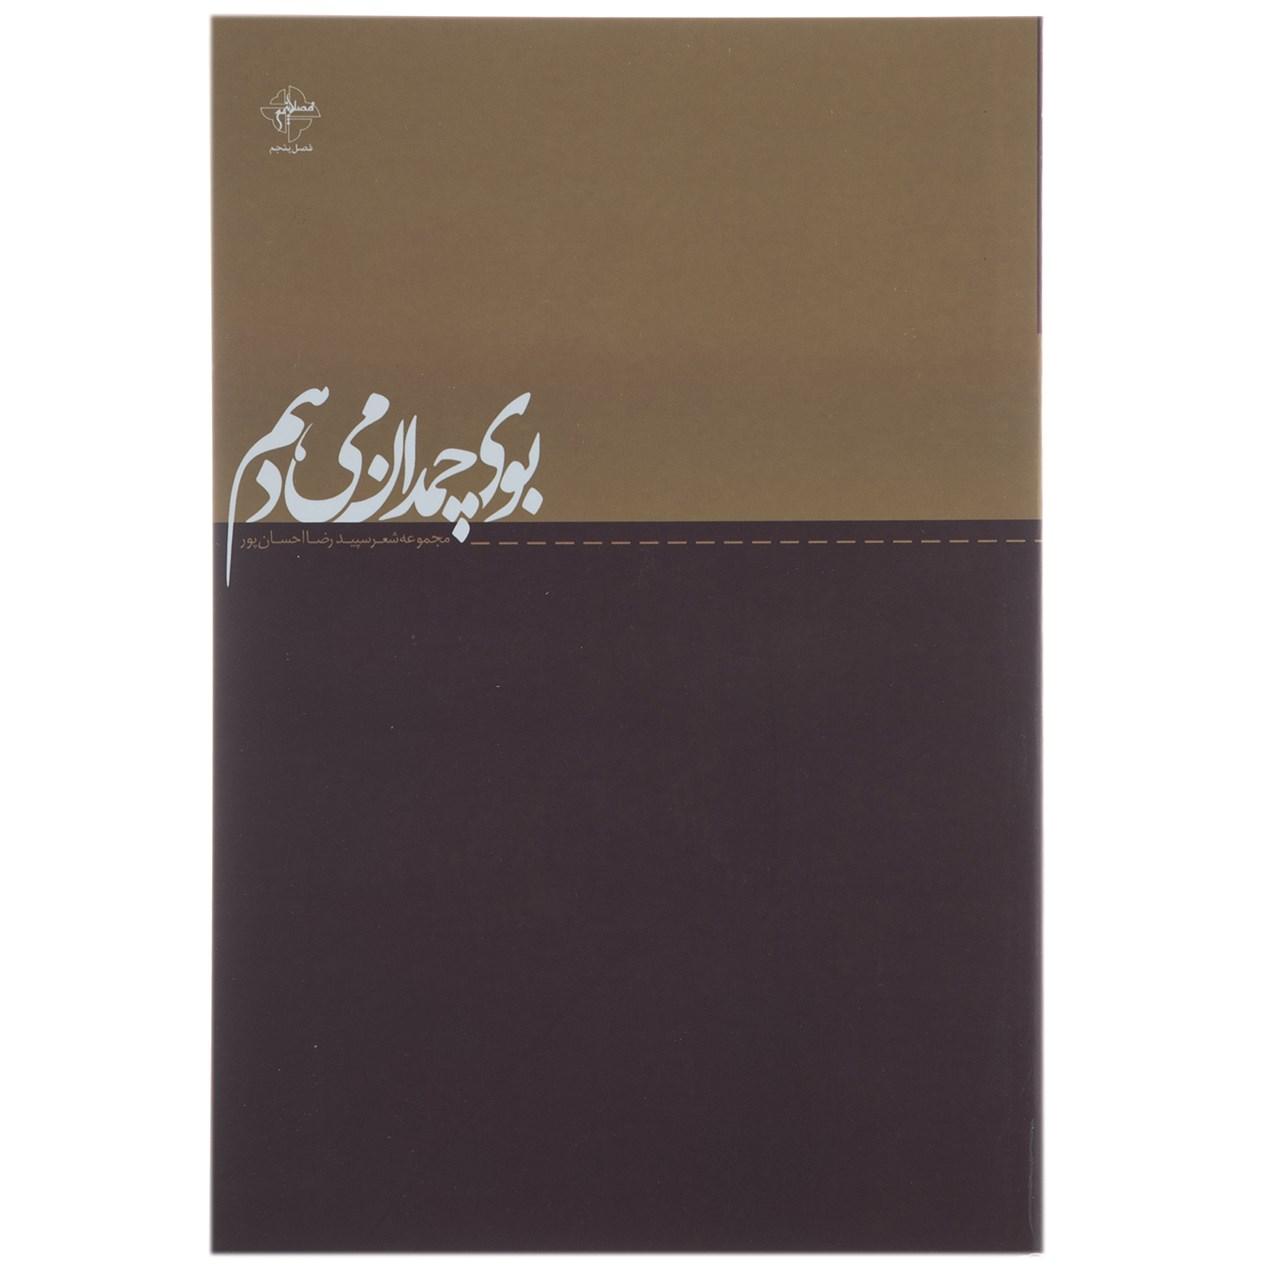 کتاب بوی چمدان می دهم اثر رضا احسان پور